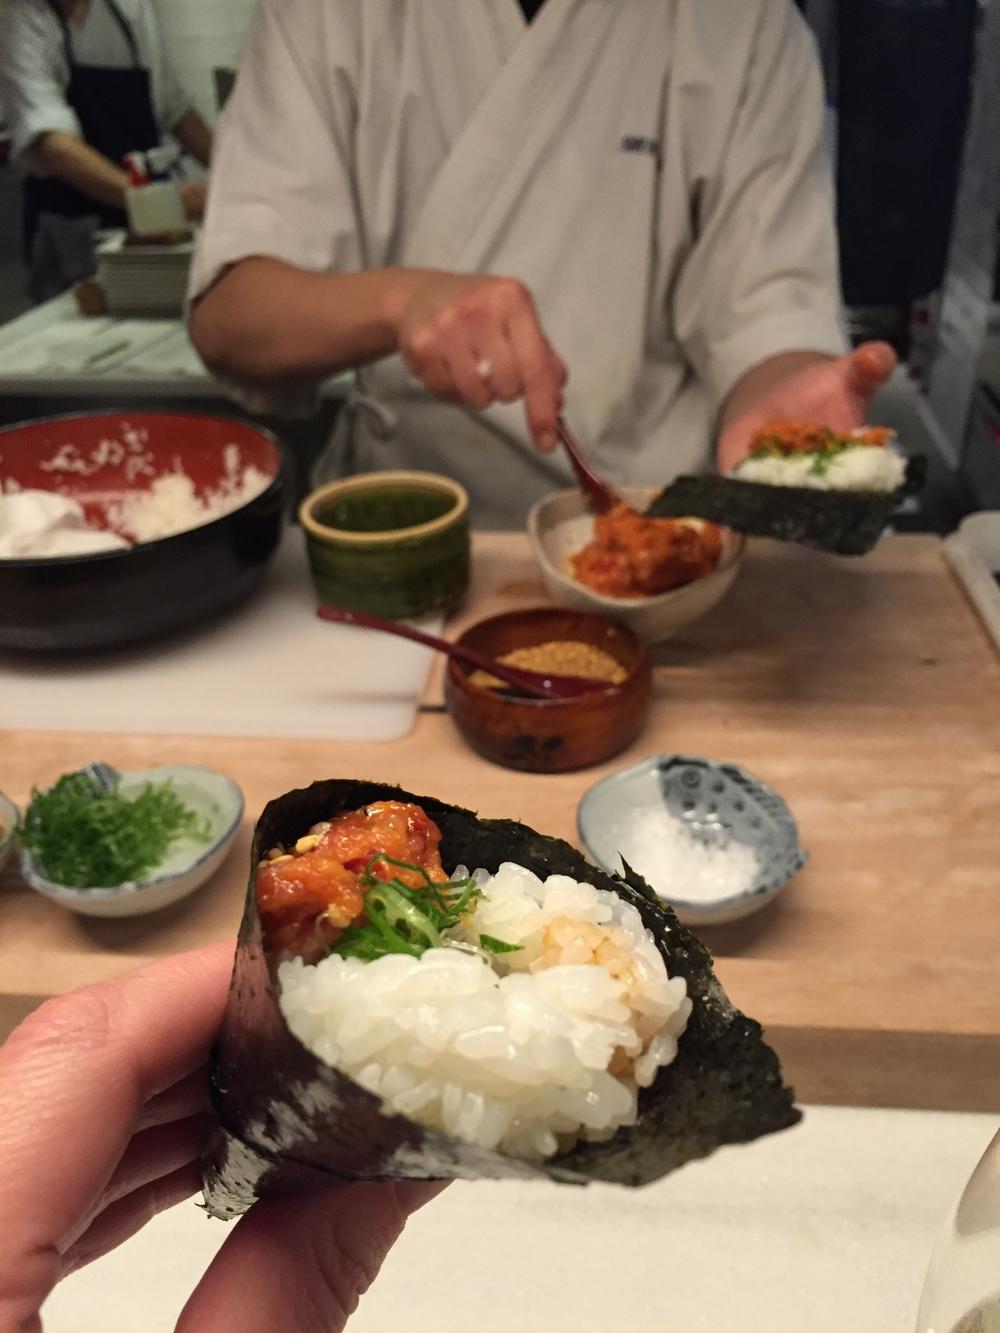 Spicy-Tuna Temaki